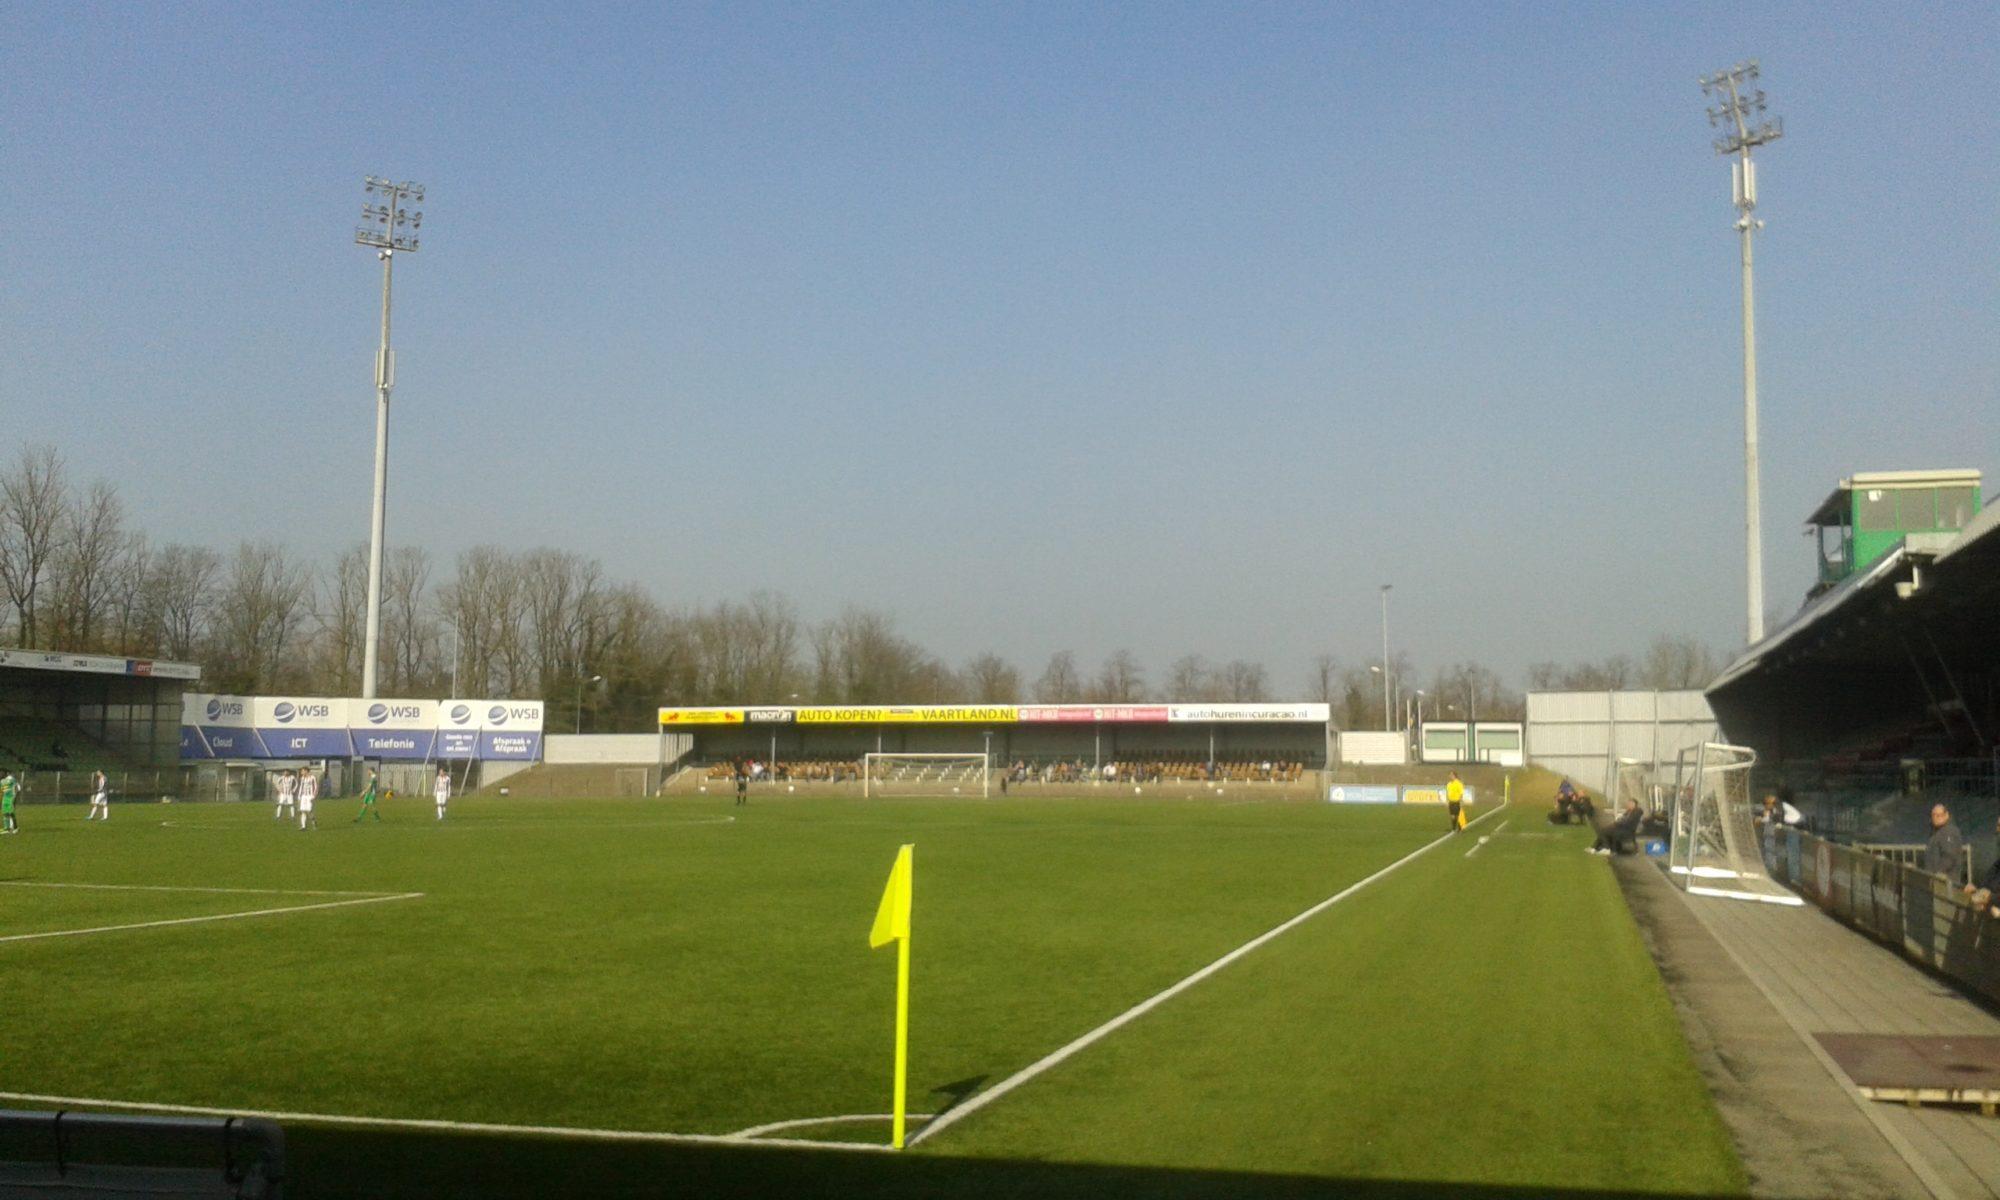 Stadion FC Dordrecht Krommedijk (Foto Wikipedia)